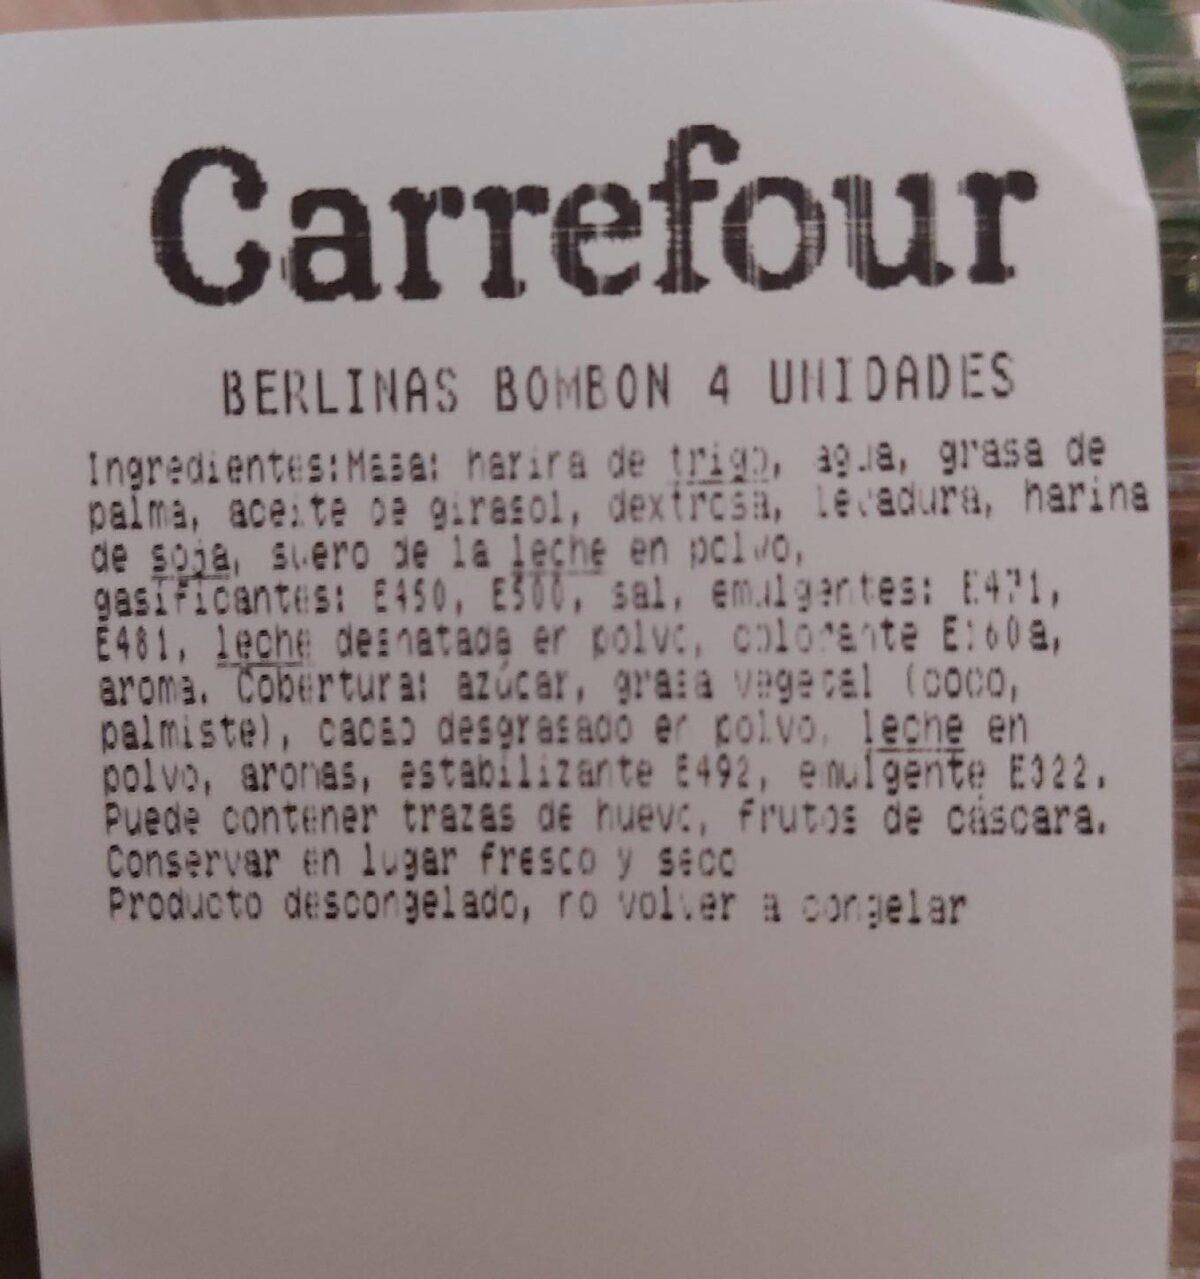 Berlinas bombón cuatro unidades - Información nutricional